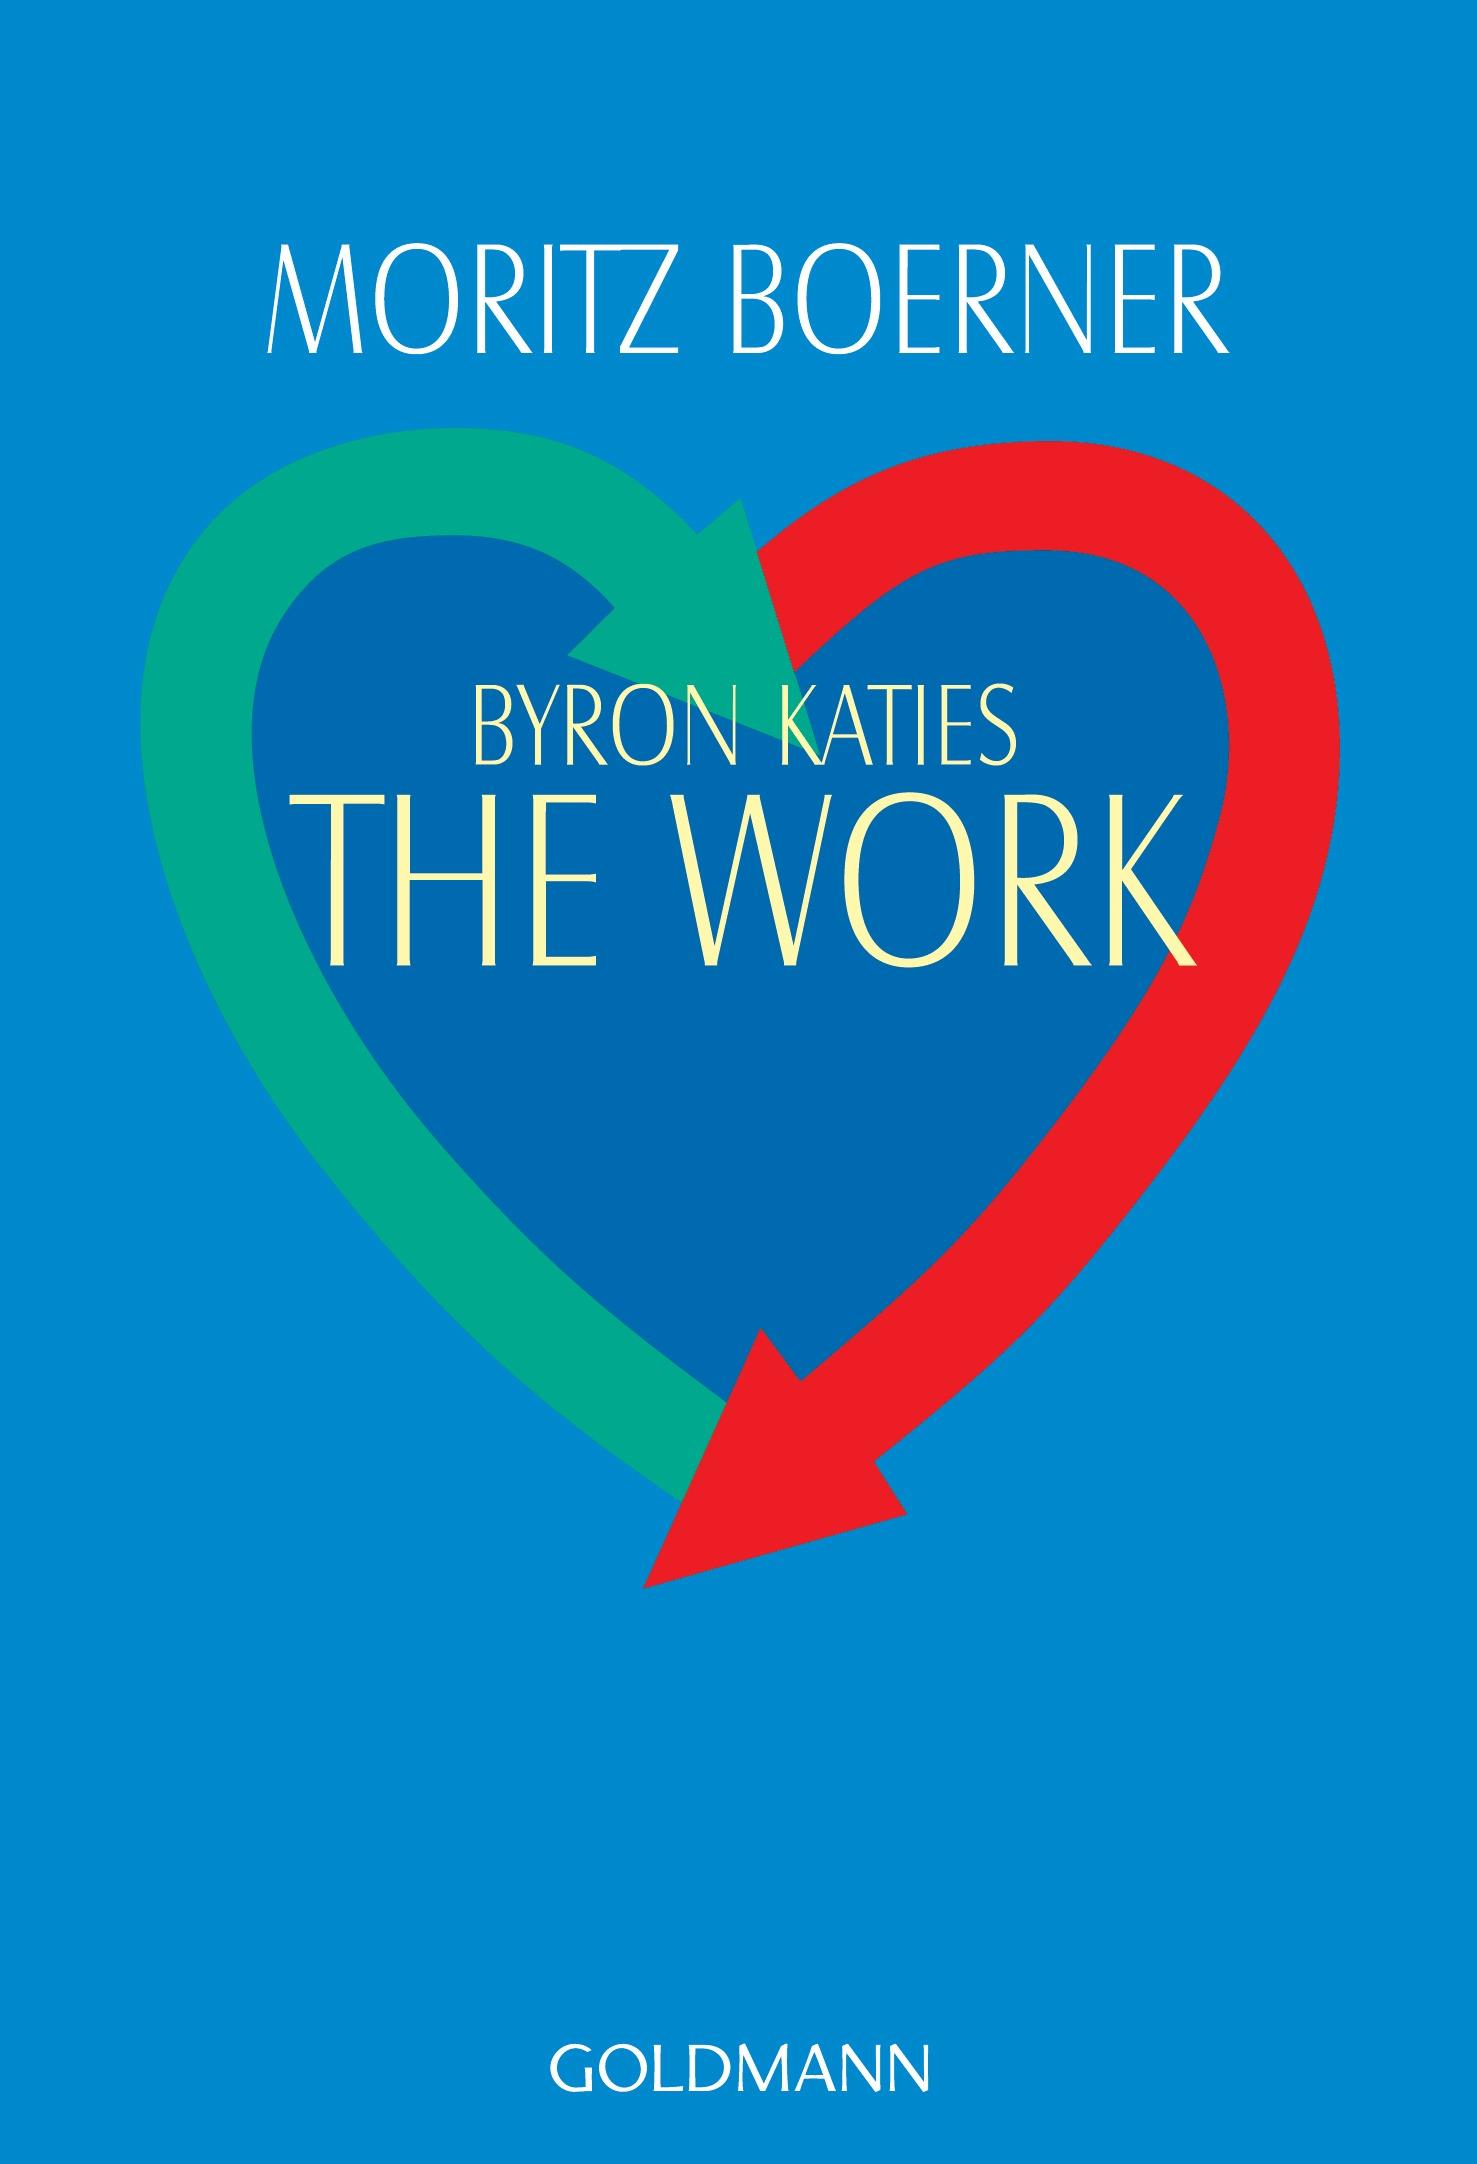 Byron Katies The Work: Der einfache Weg zum befreiten Leben - Moritz Boerner